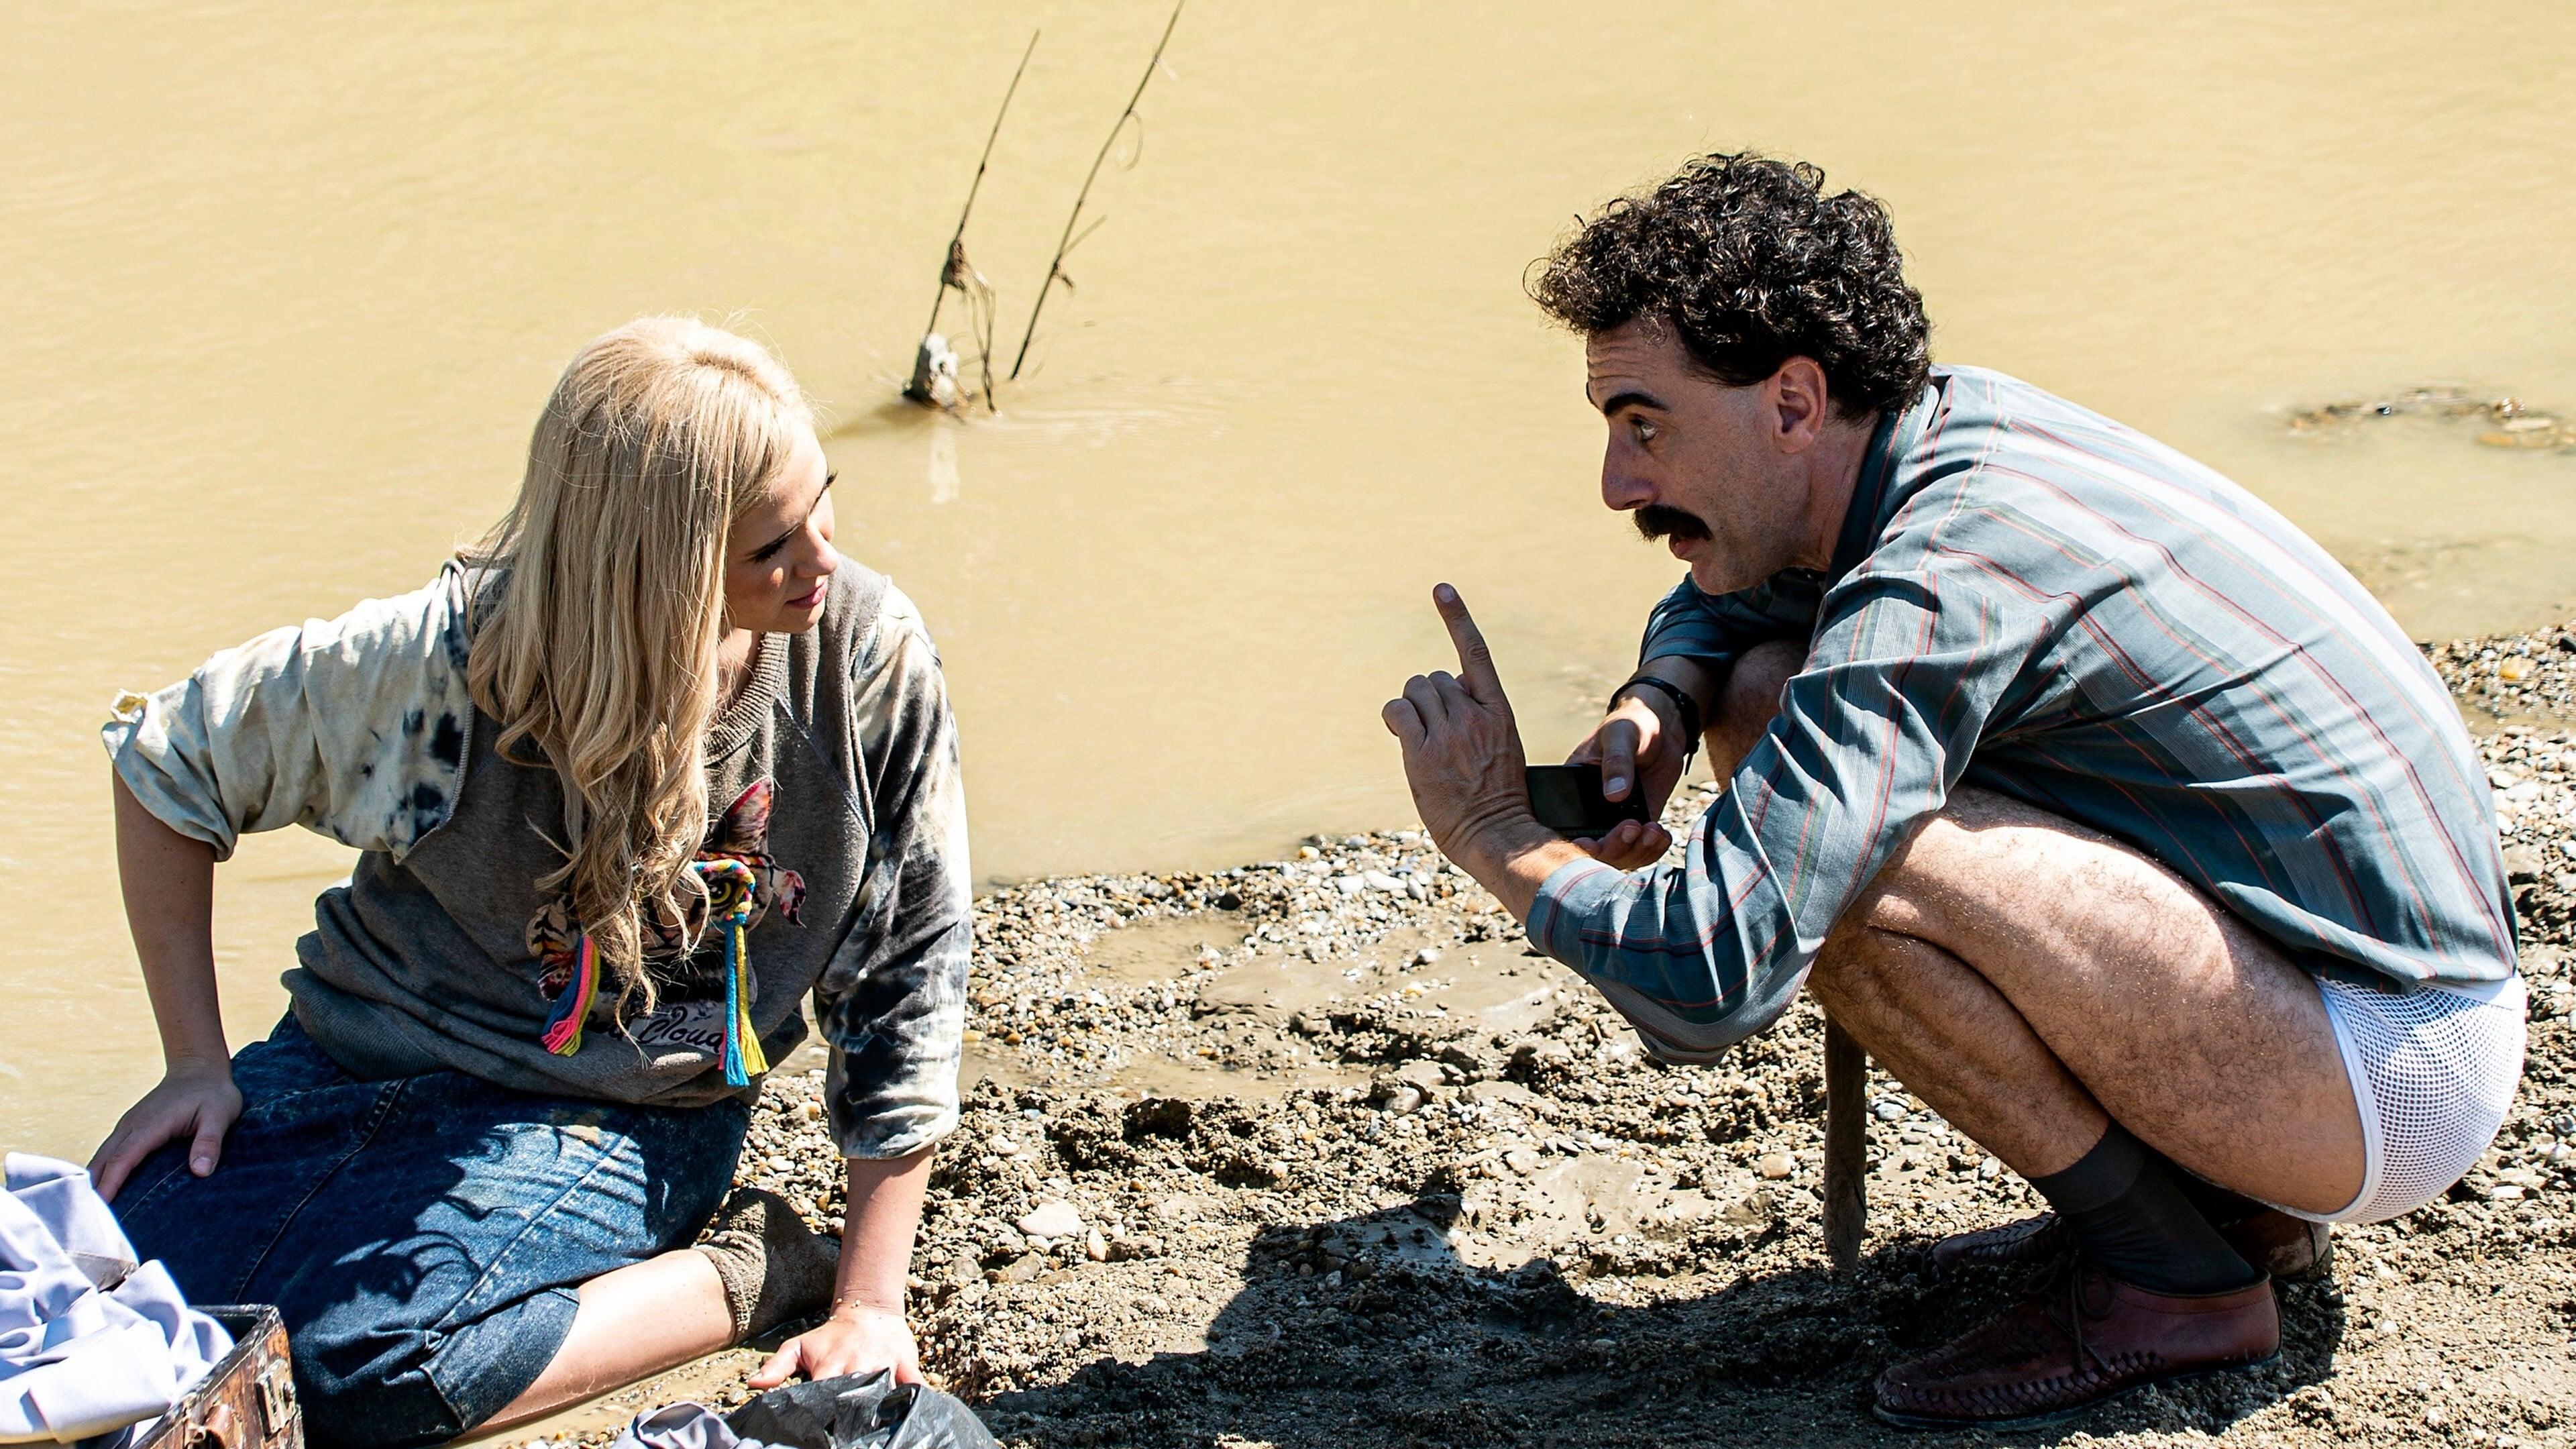 Película Borat 2, Siguiente Película Documental en GNULA